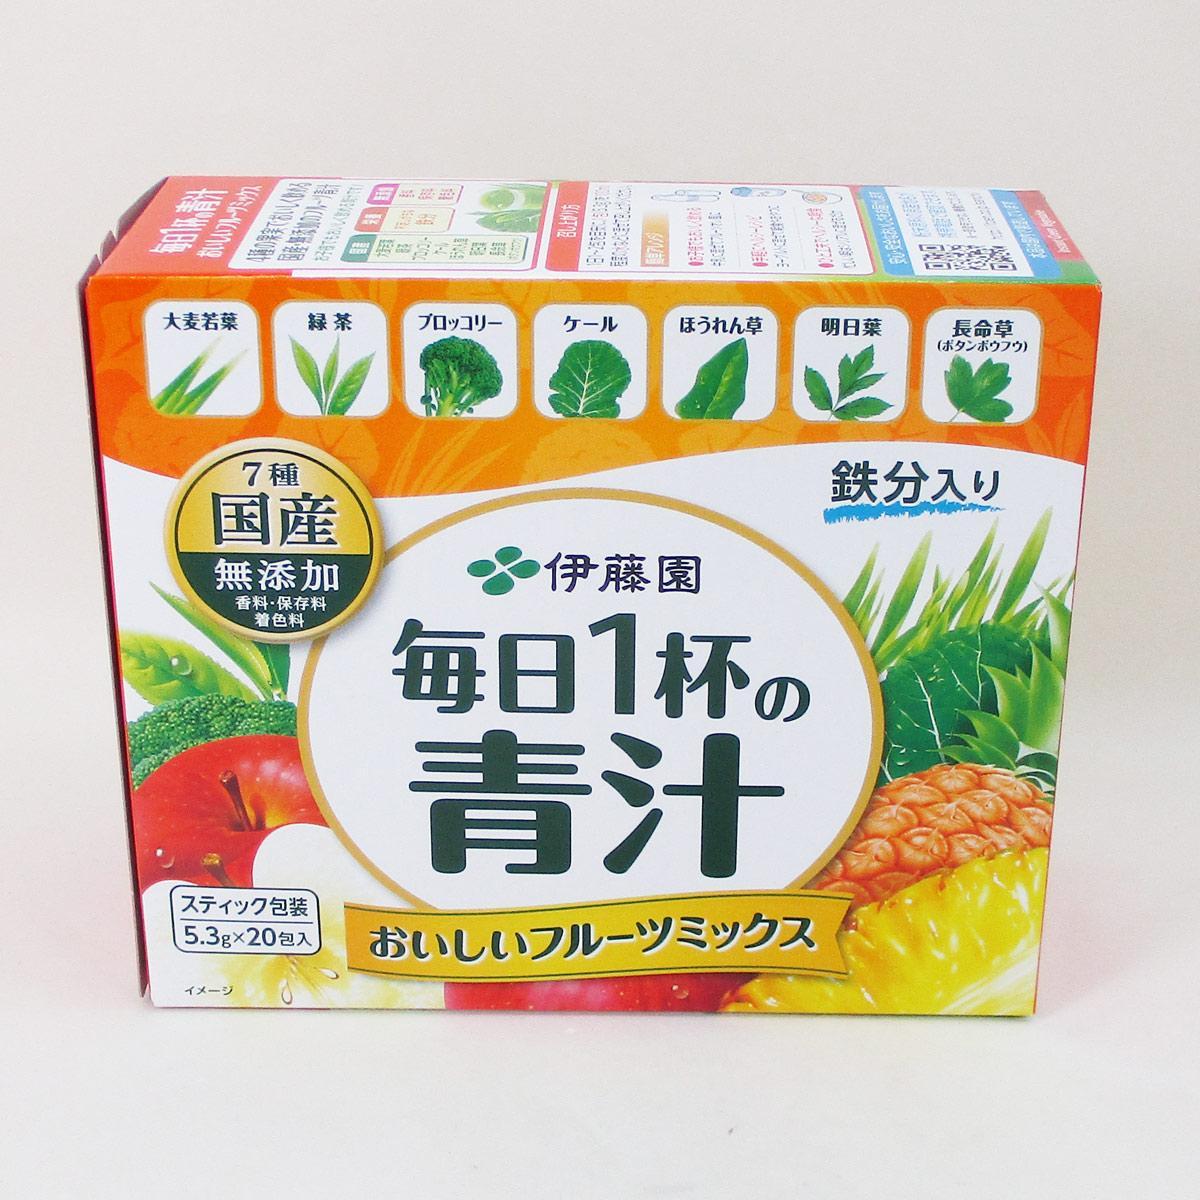 ITOH Аодзиру з листя ячменю з овочами і фруктами, 25 пакетиків по 5,3 г